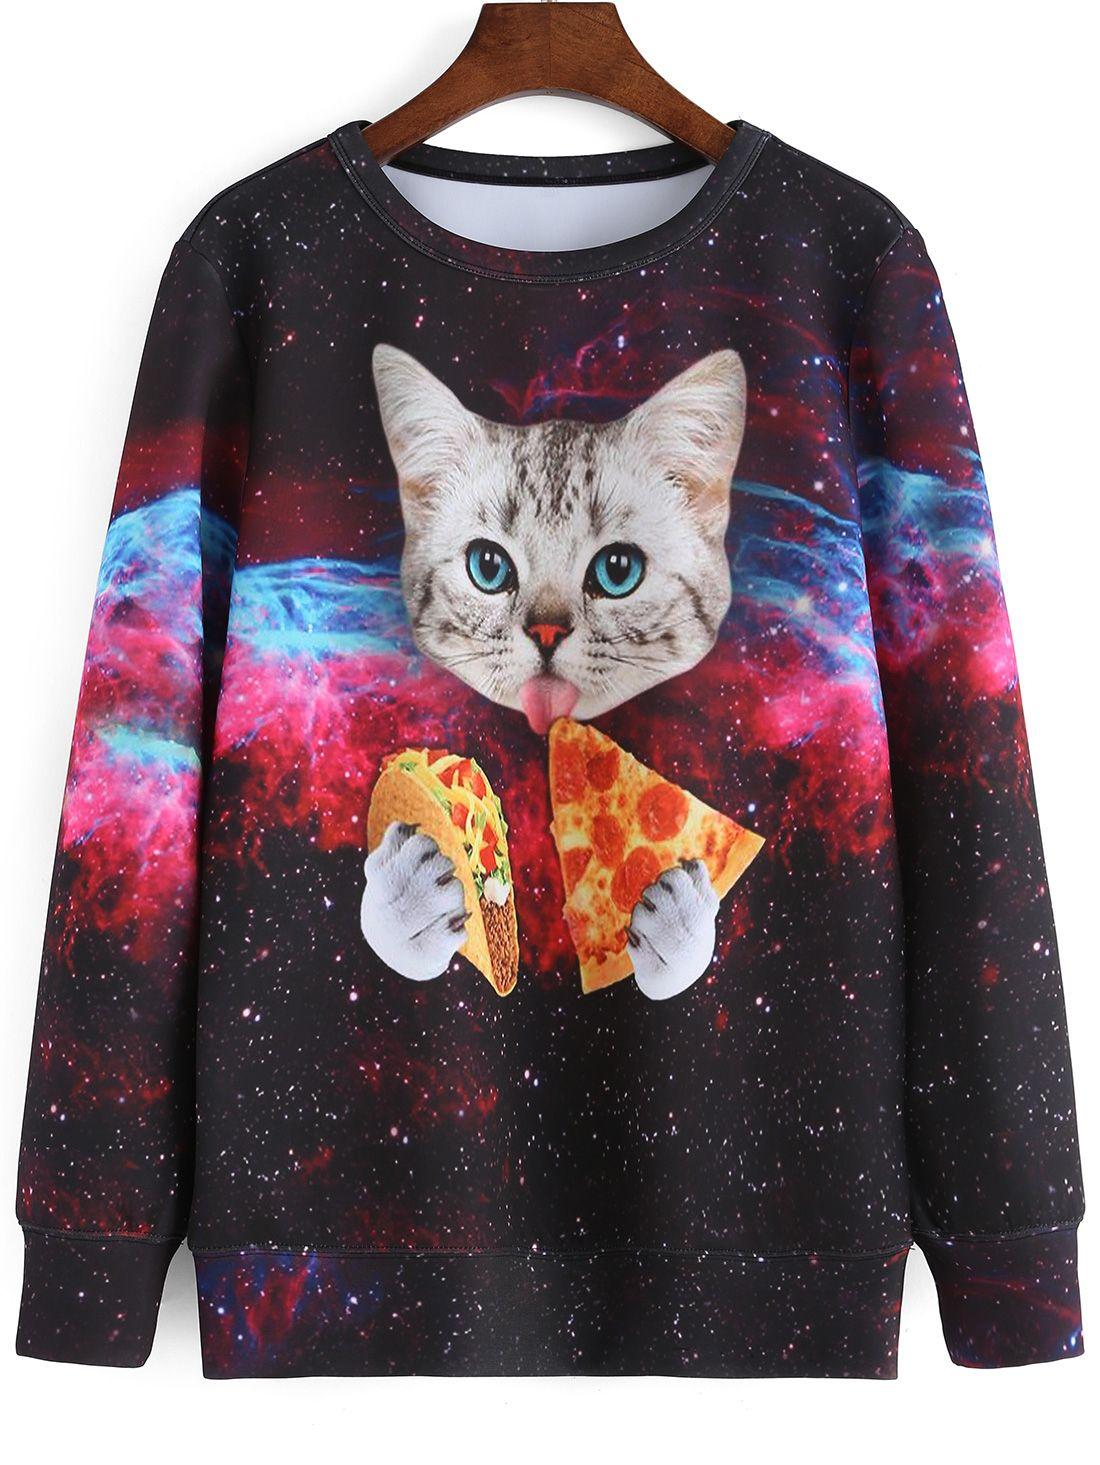 Sudadera gato galaxia -multicolor